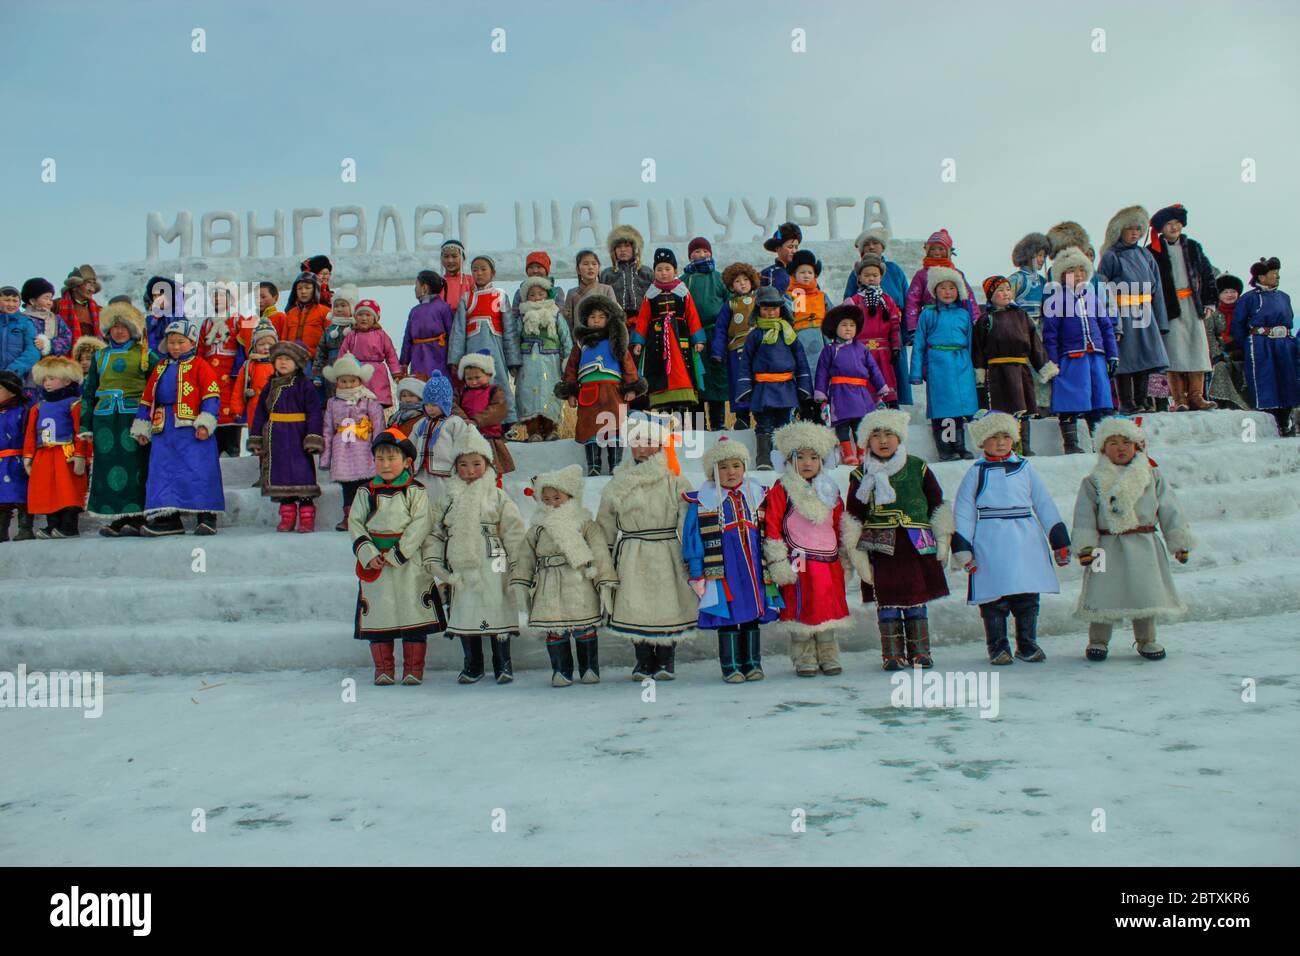 Enfants mongoles en vêtements traditionnels, hiver, province de Khovd, Mongolie Banque D'Images